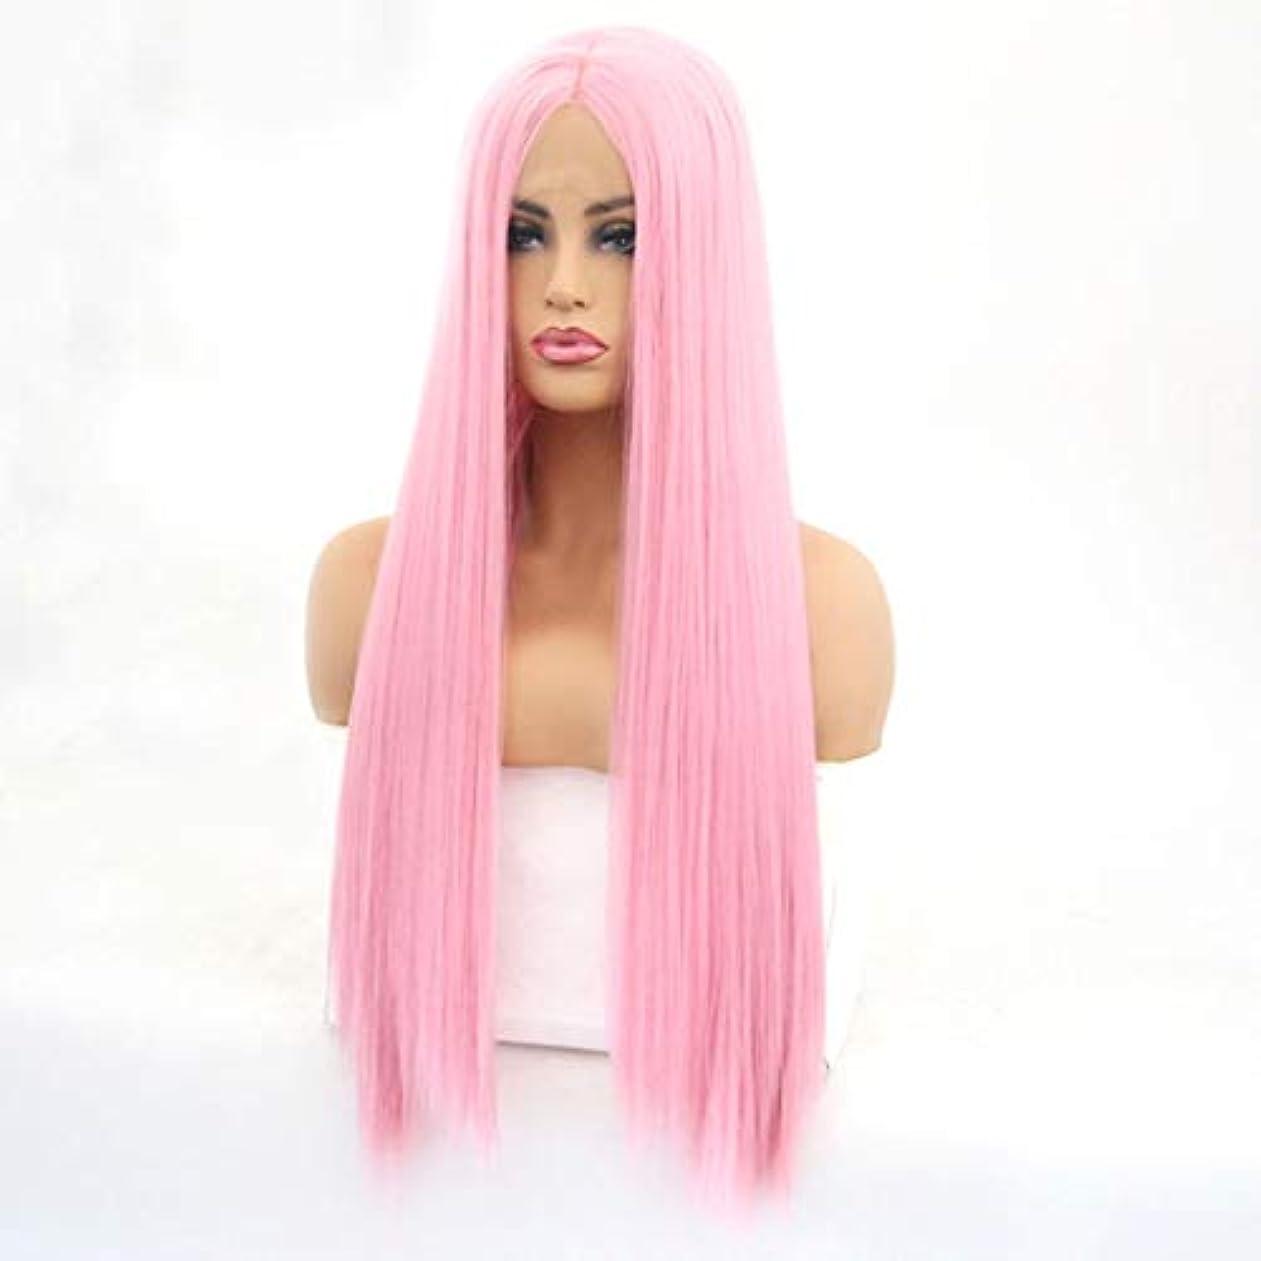 精神医学パラナ川北へKerwinner 女性のための長いストレートの波状のかつらかつらかつら合成繊維髪かつら自然に見えるかつら